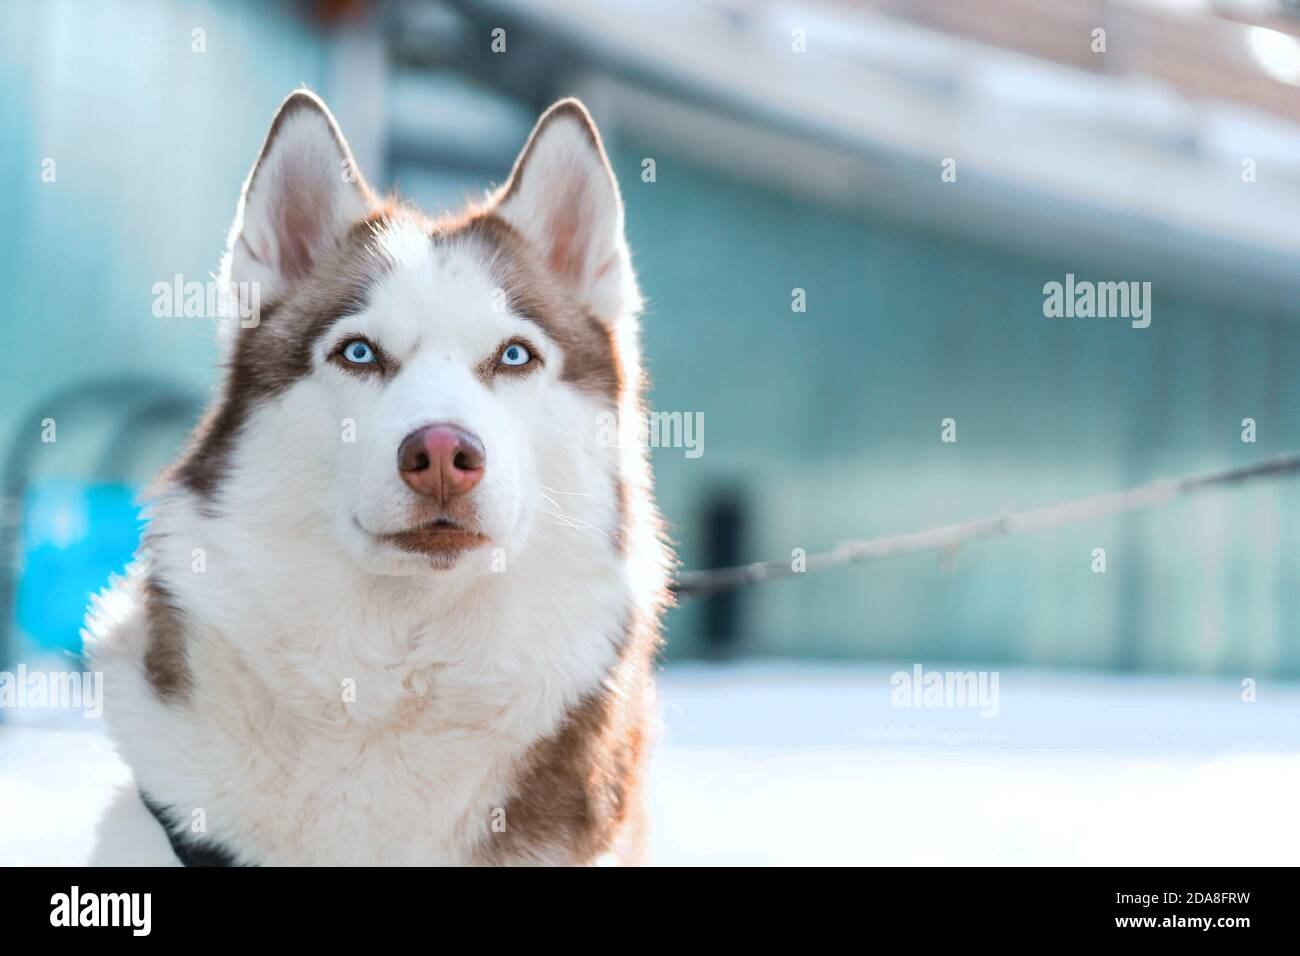 Mignon chien Husky à au spectateur avec ses grands yeux bleu vif. Concept de bien-être des animaux, l'amitié et l'amour de l'animale et humaine. Banque D'Images